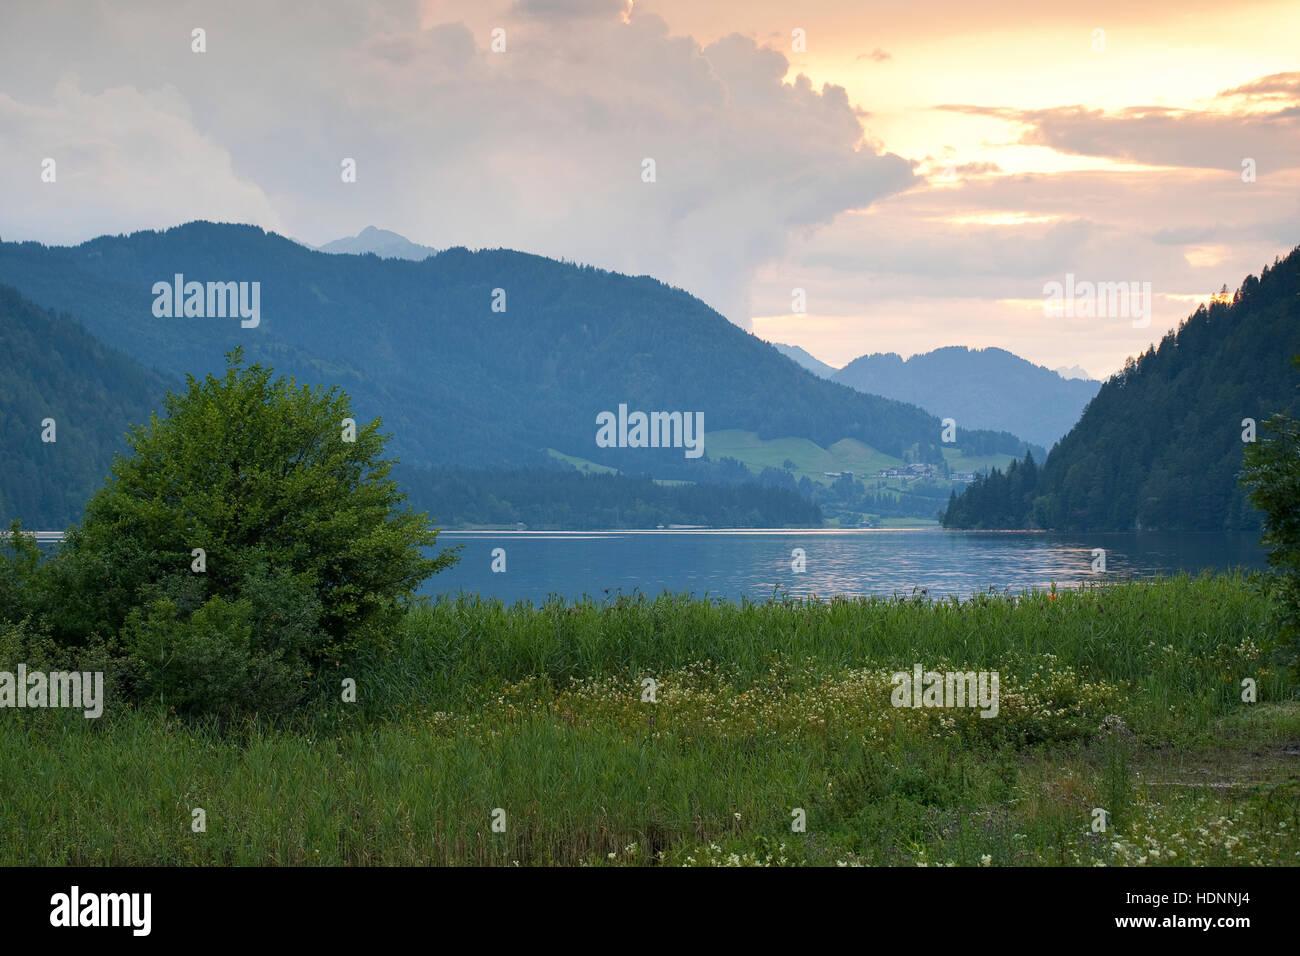 Weissensee, Weißensee, Naturpark Weissensee, See in den Alpen, Kärnten, Österreich - Stock Image